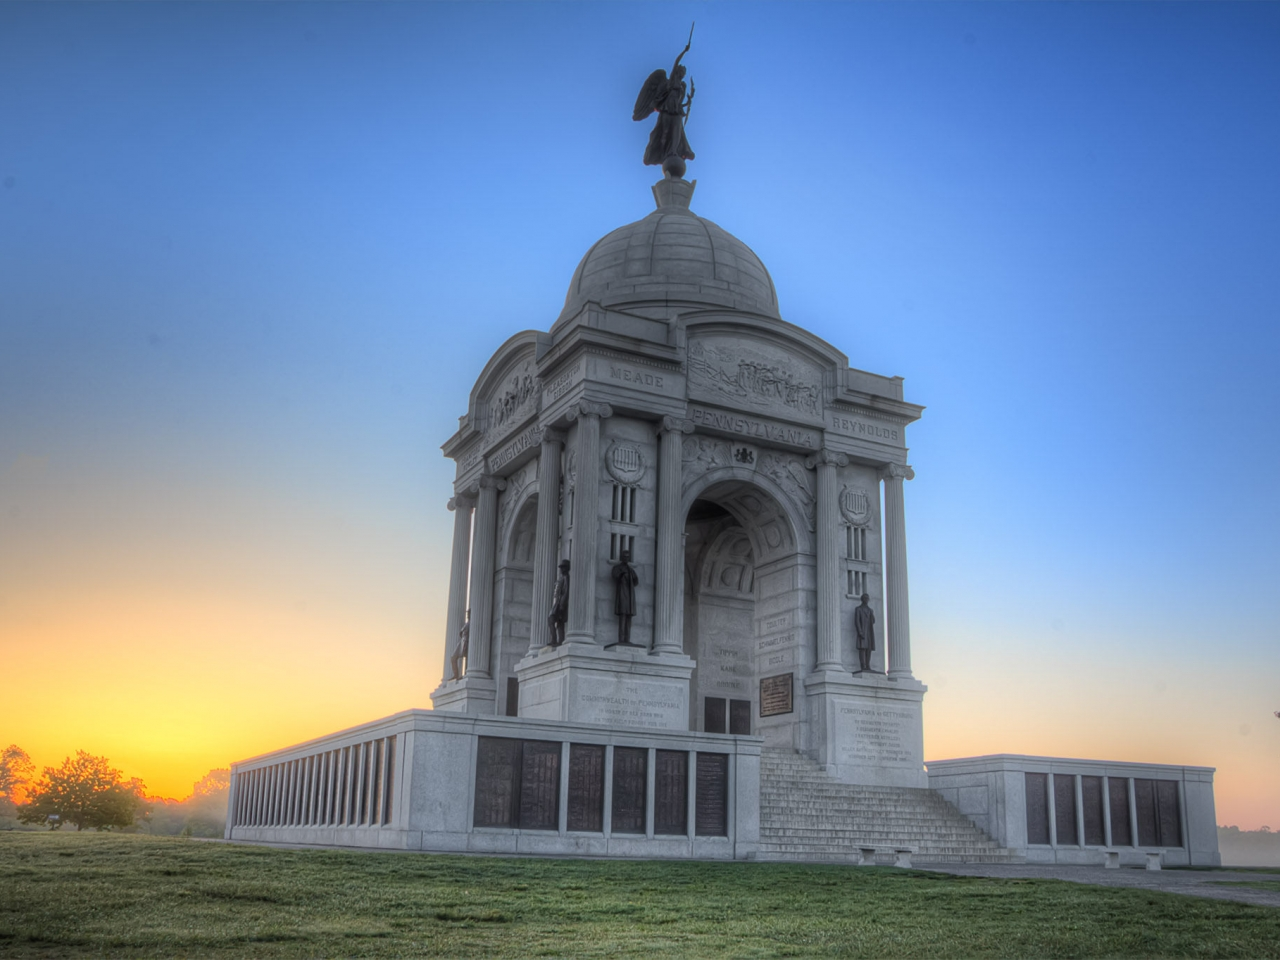 Monumento en Pennsylvania - 1280x960